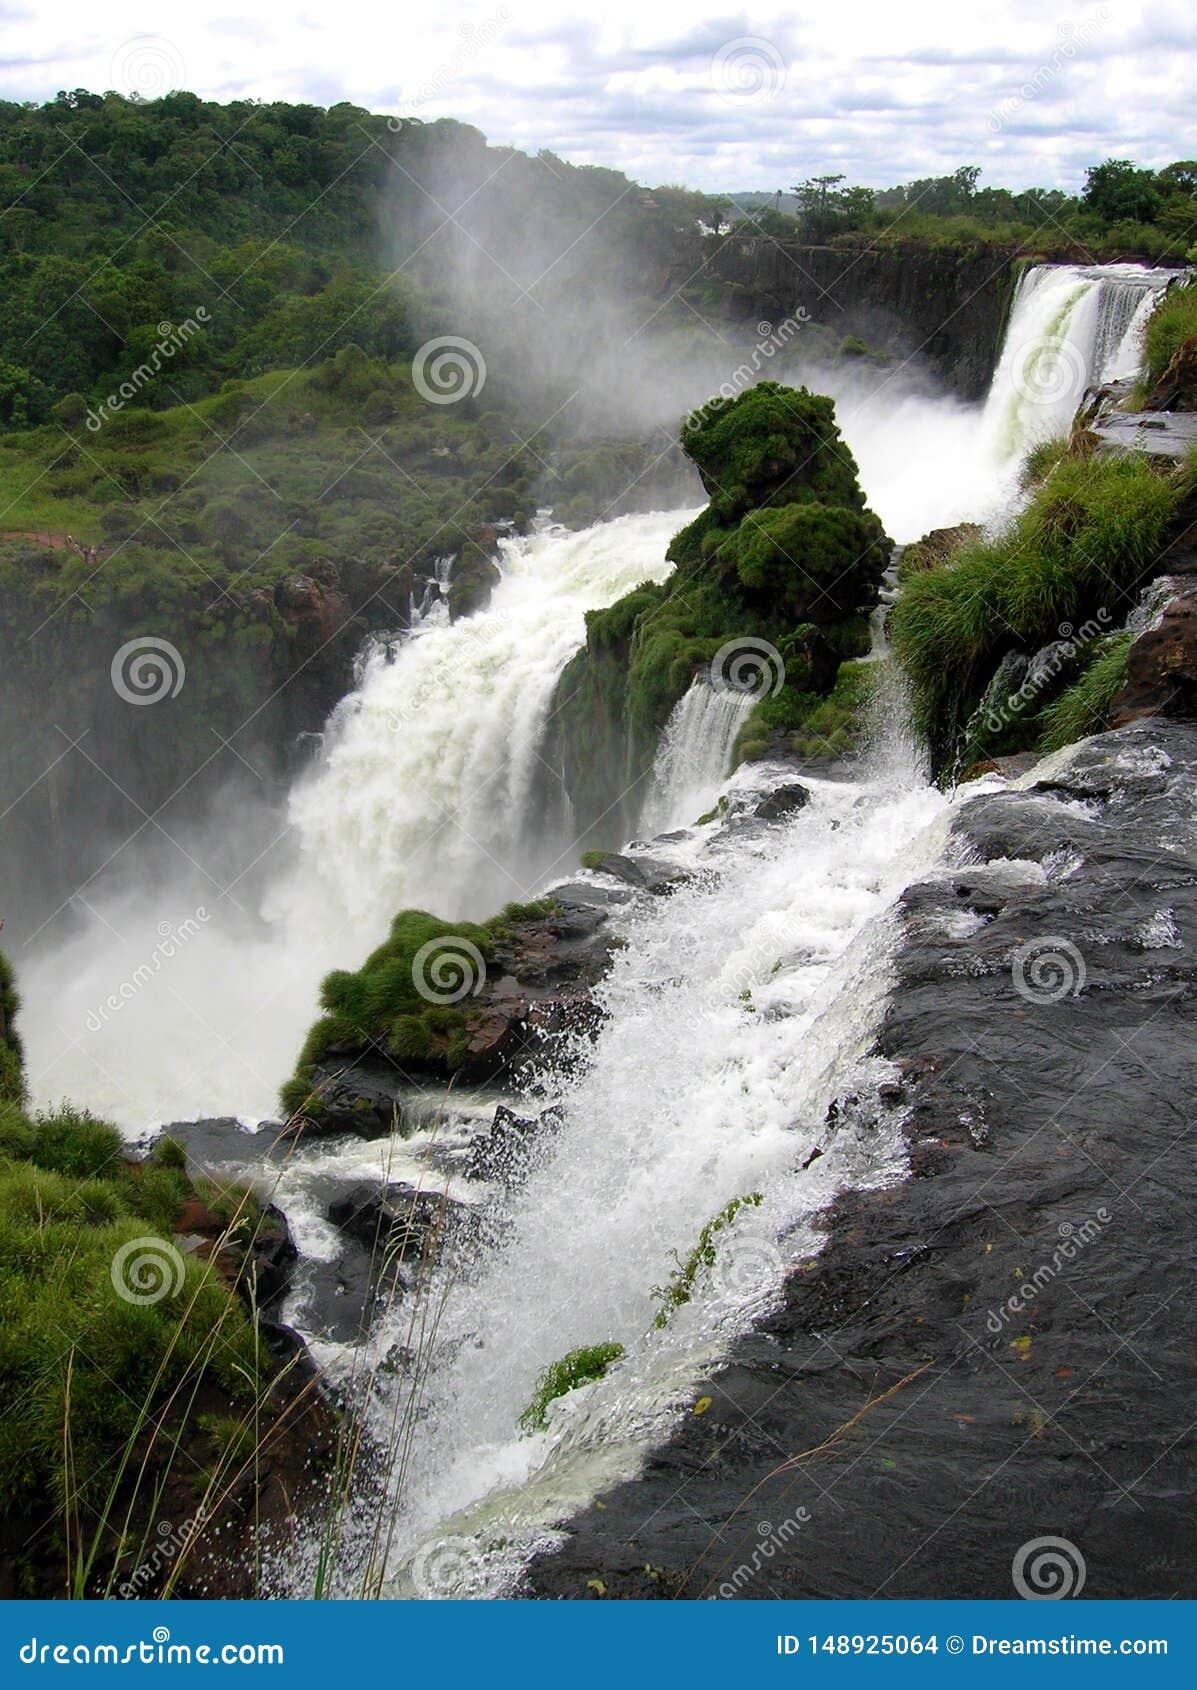 壮观的伊瓜苏瀑布,一世界七大奇迹